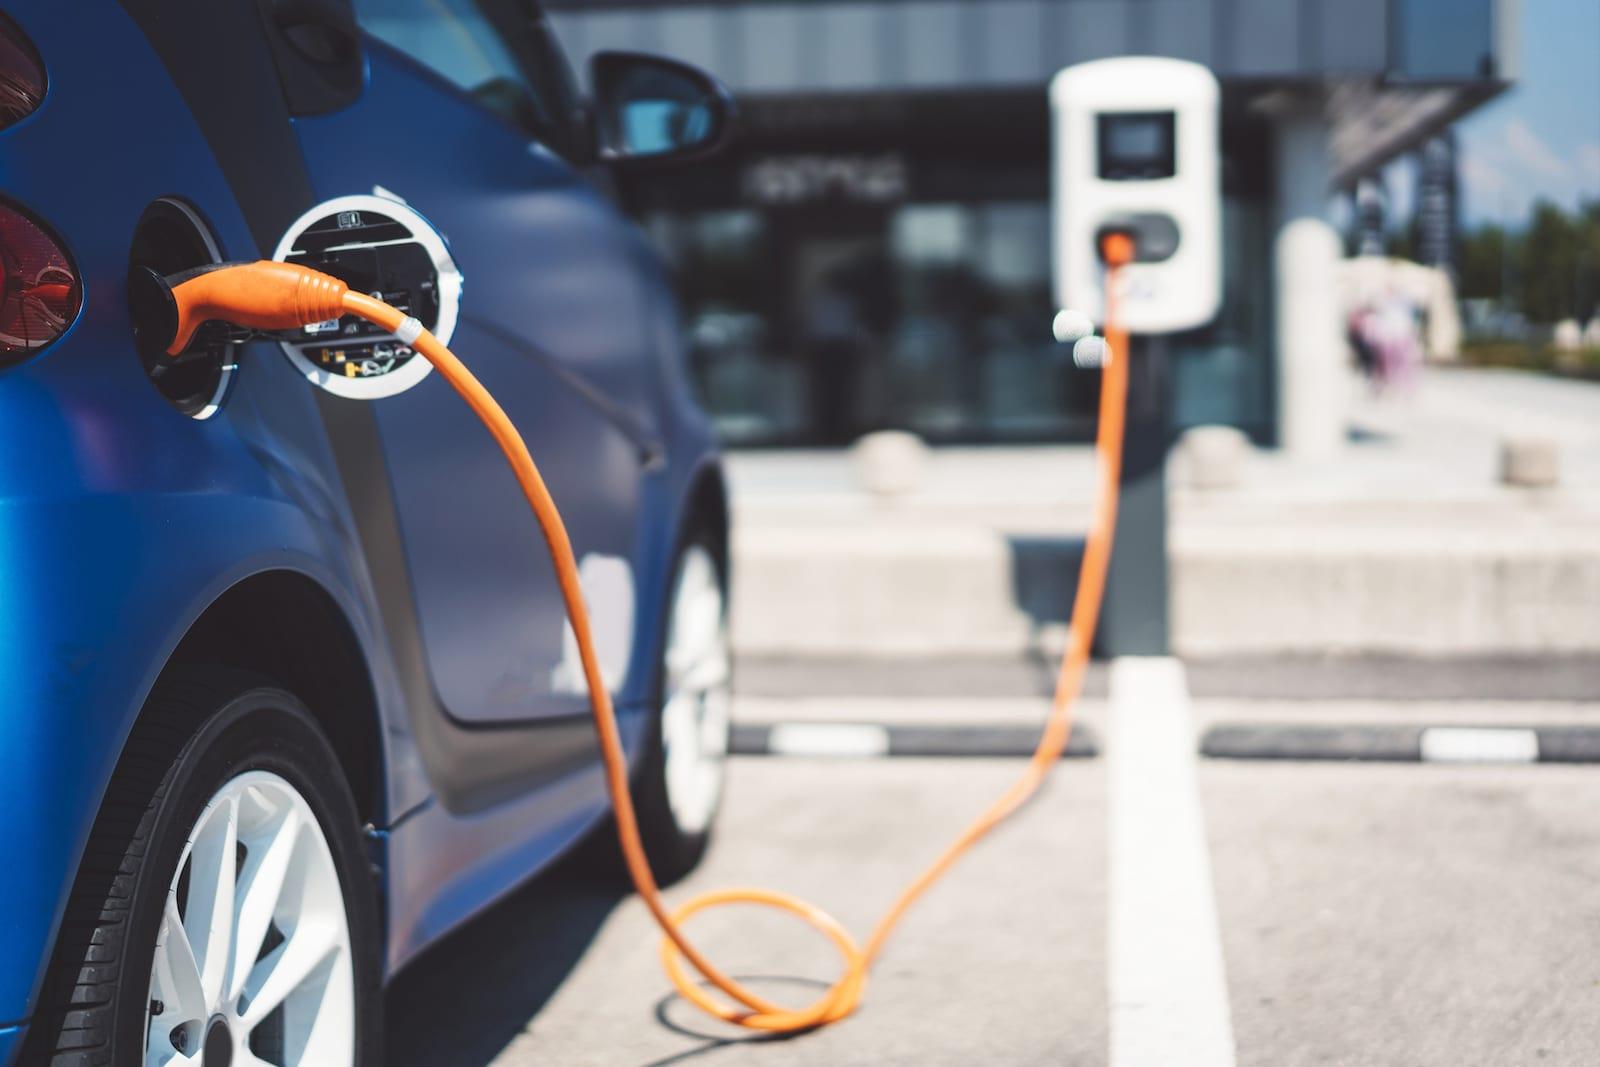 Ma ce l'avremo l'energia per far circolare tutte queste auto elettriche?